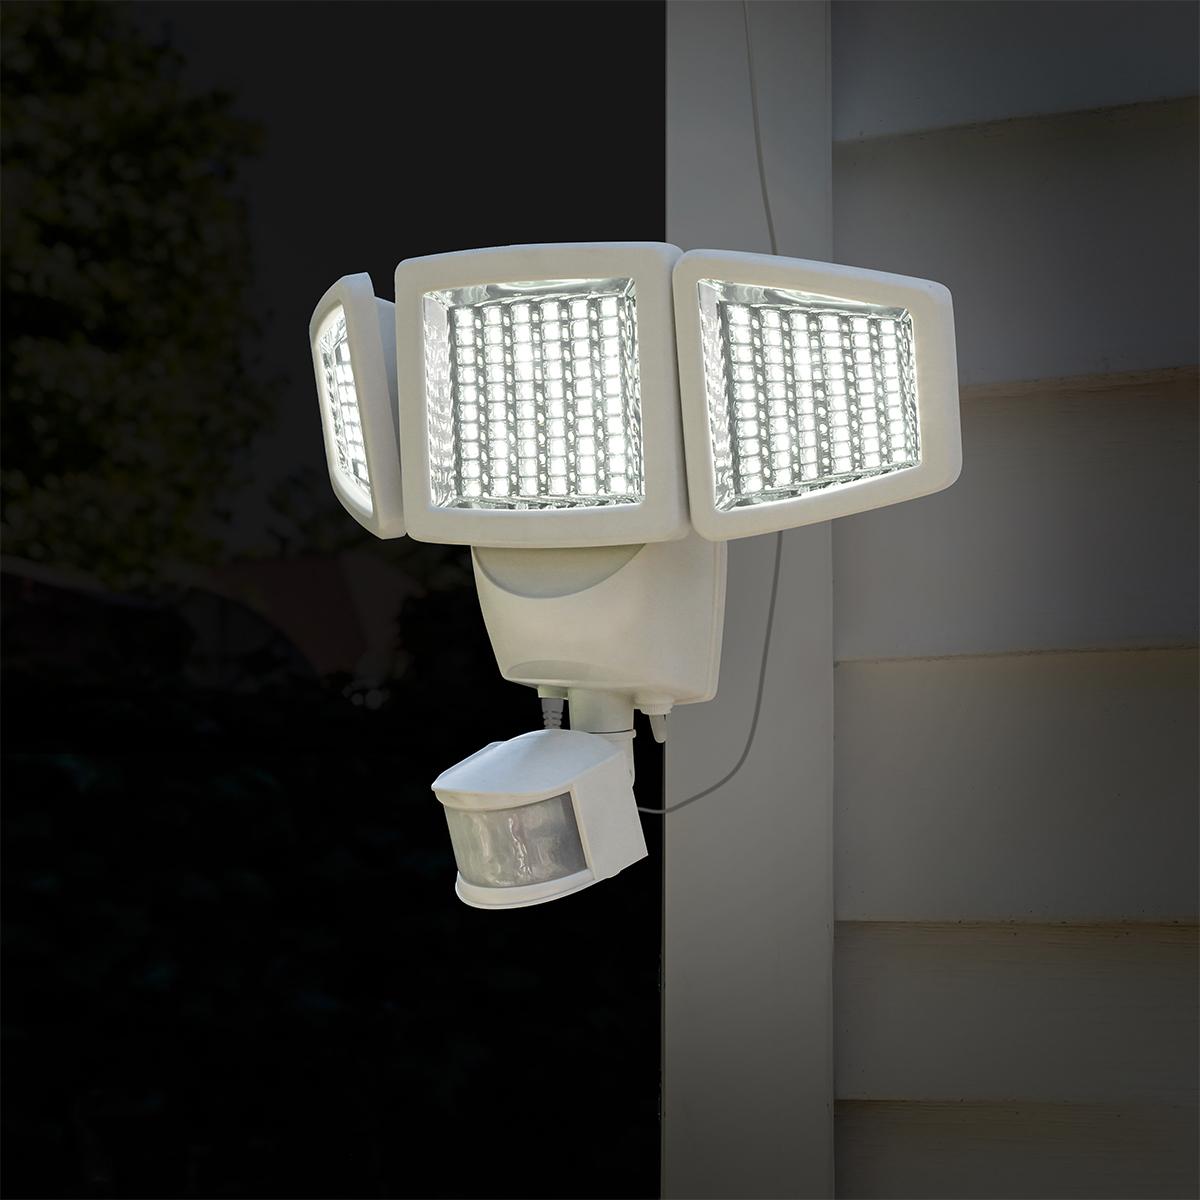 Sunforce LED 太陽能智慧照明燈